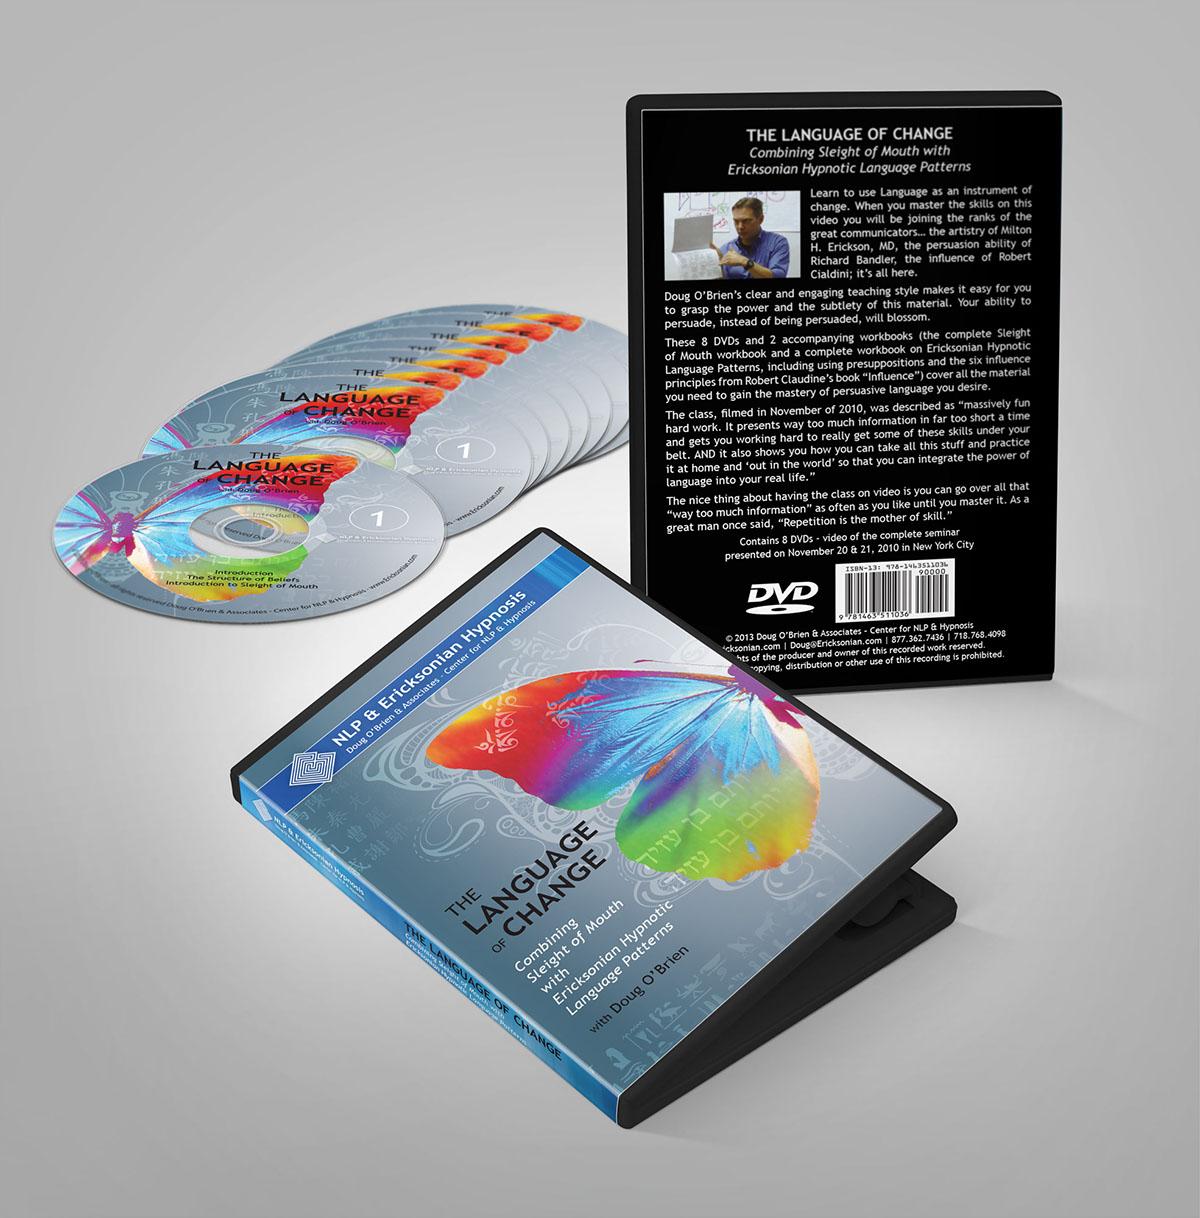 DVDs cds package design